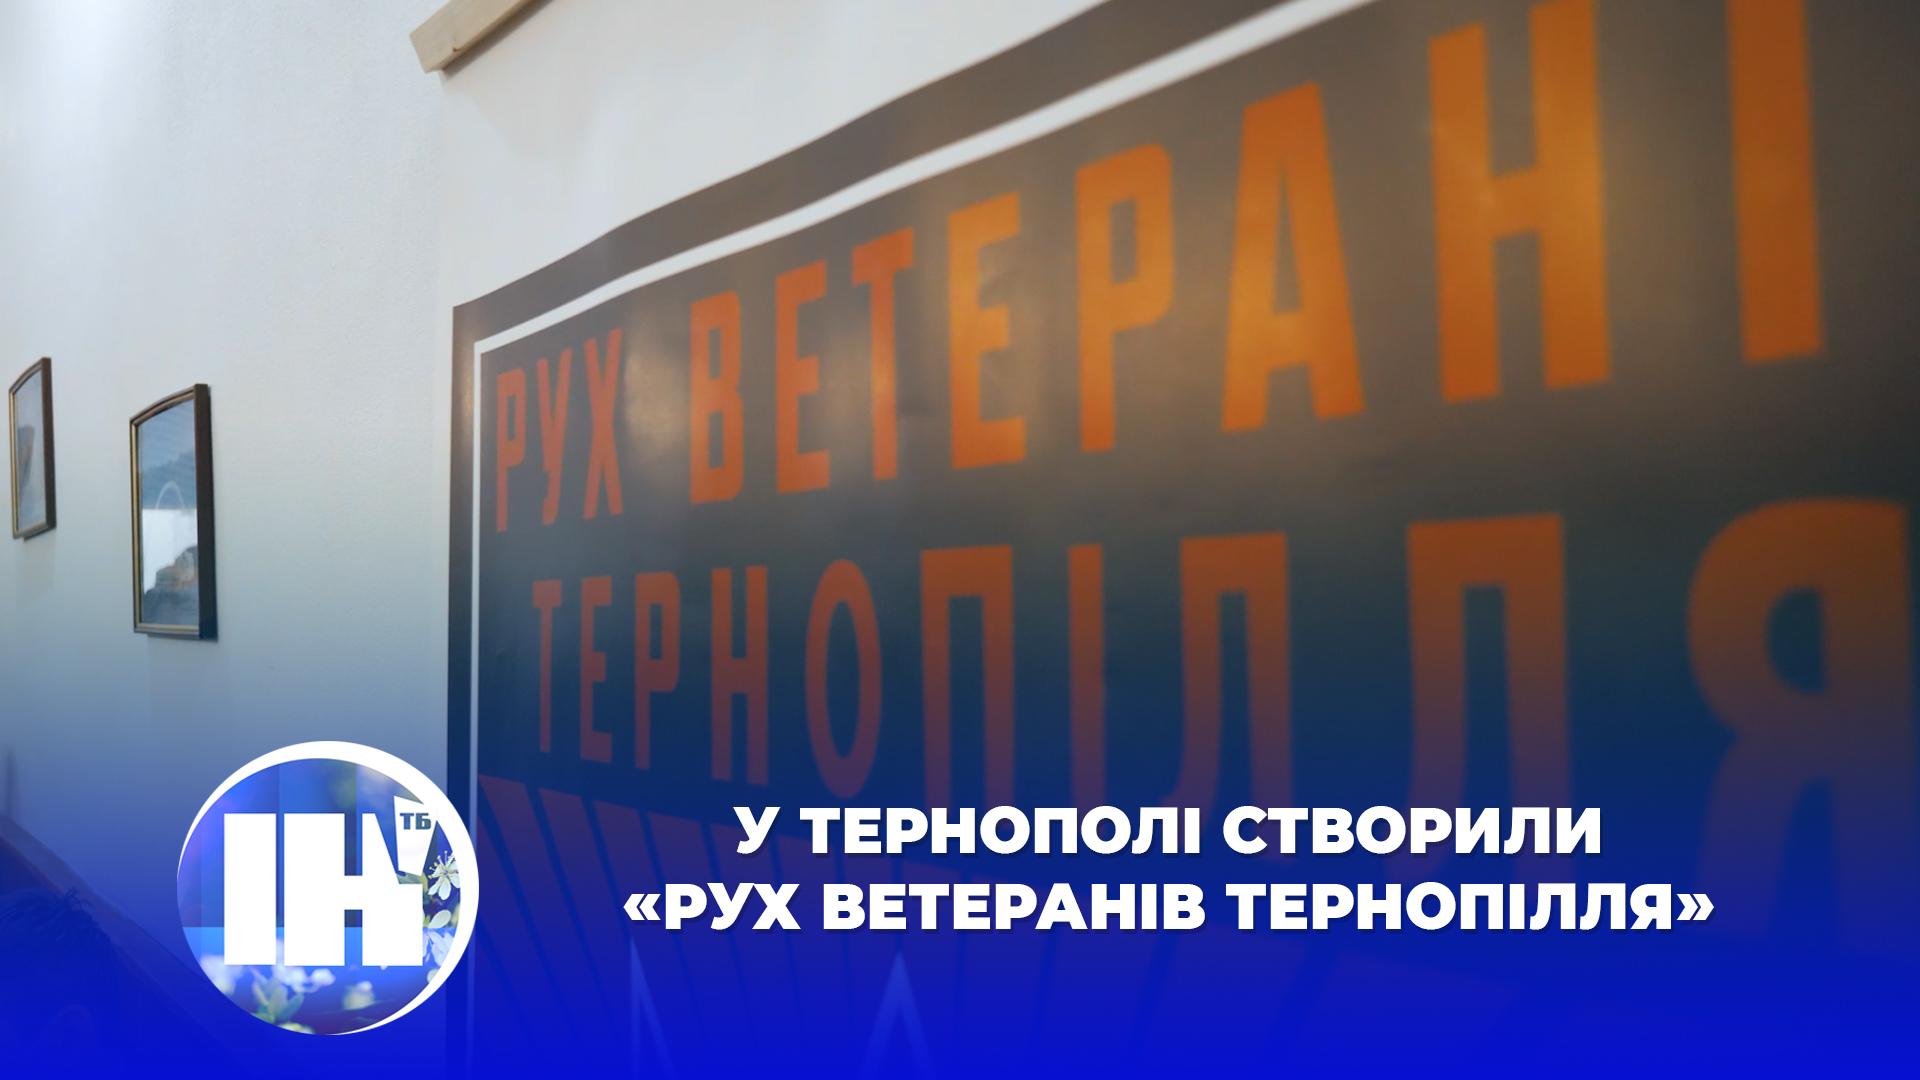 У Тернополі створили «Рух Ветеранів Тернопілля»